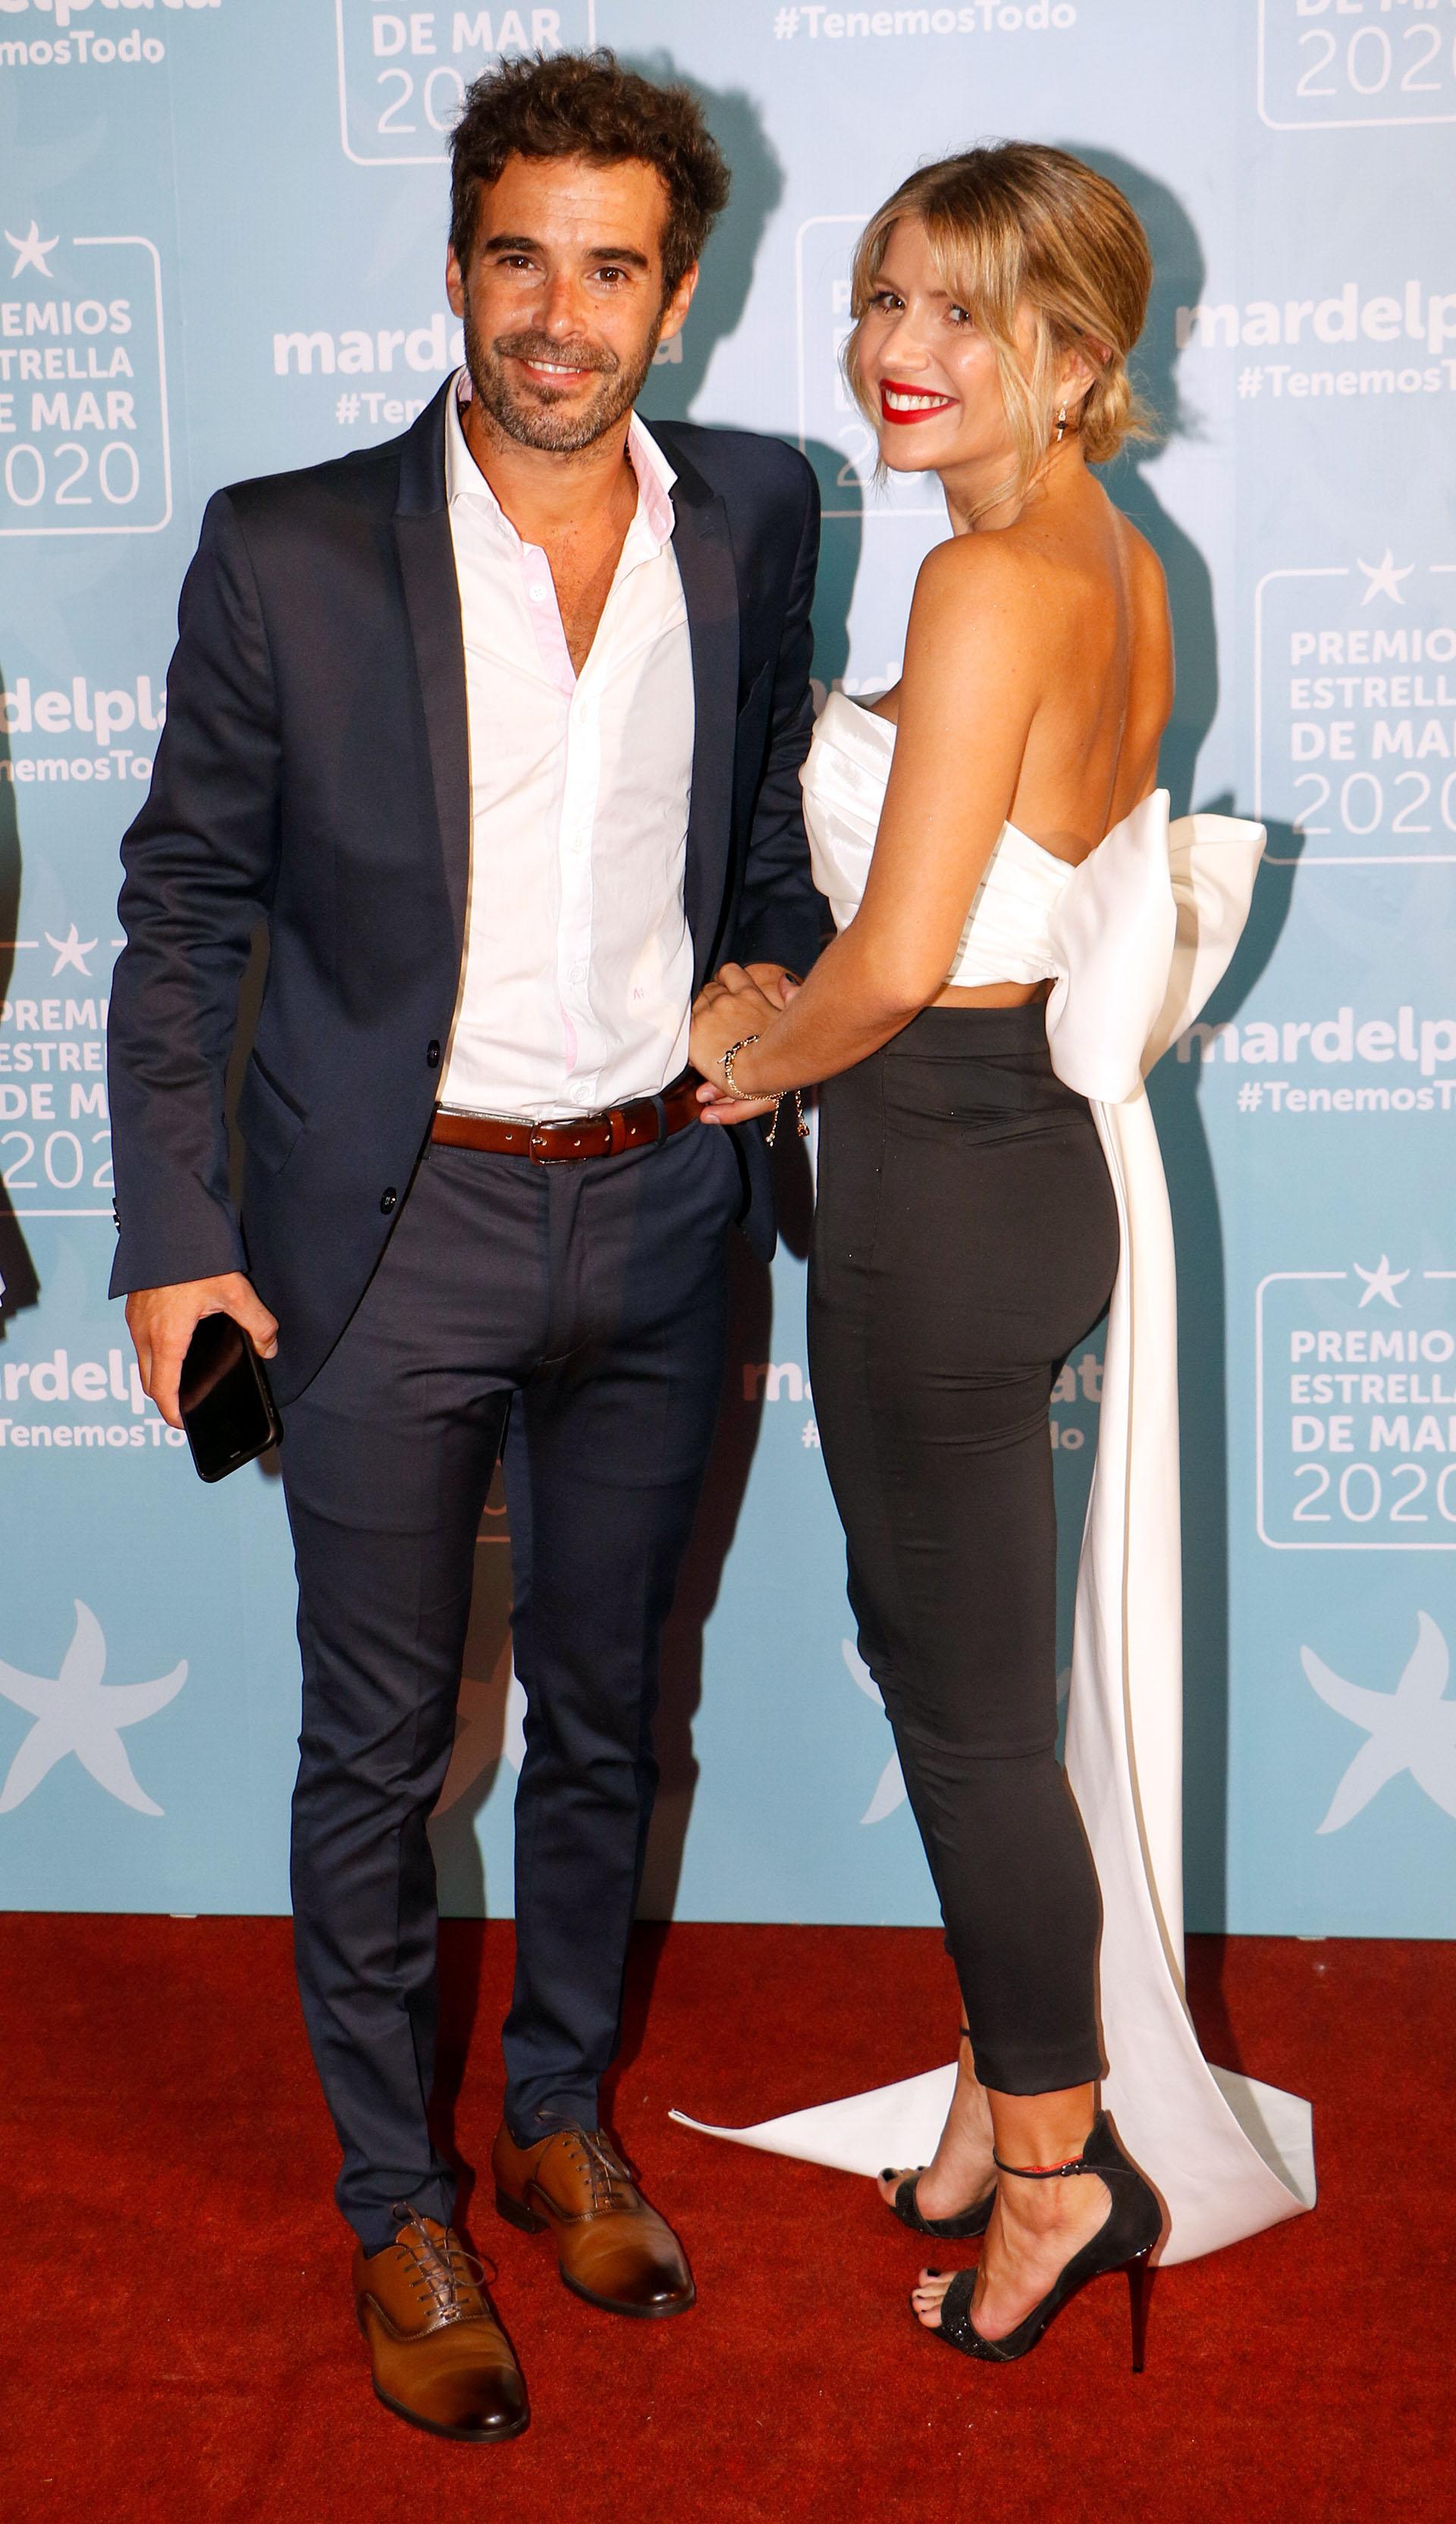 Nicolás Cabré y Laurita Fernández (Fotos: Christian Heit)